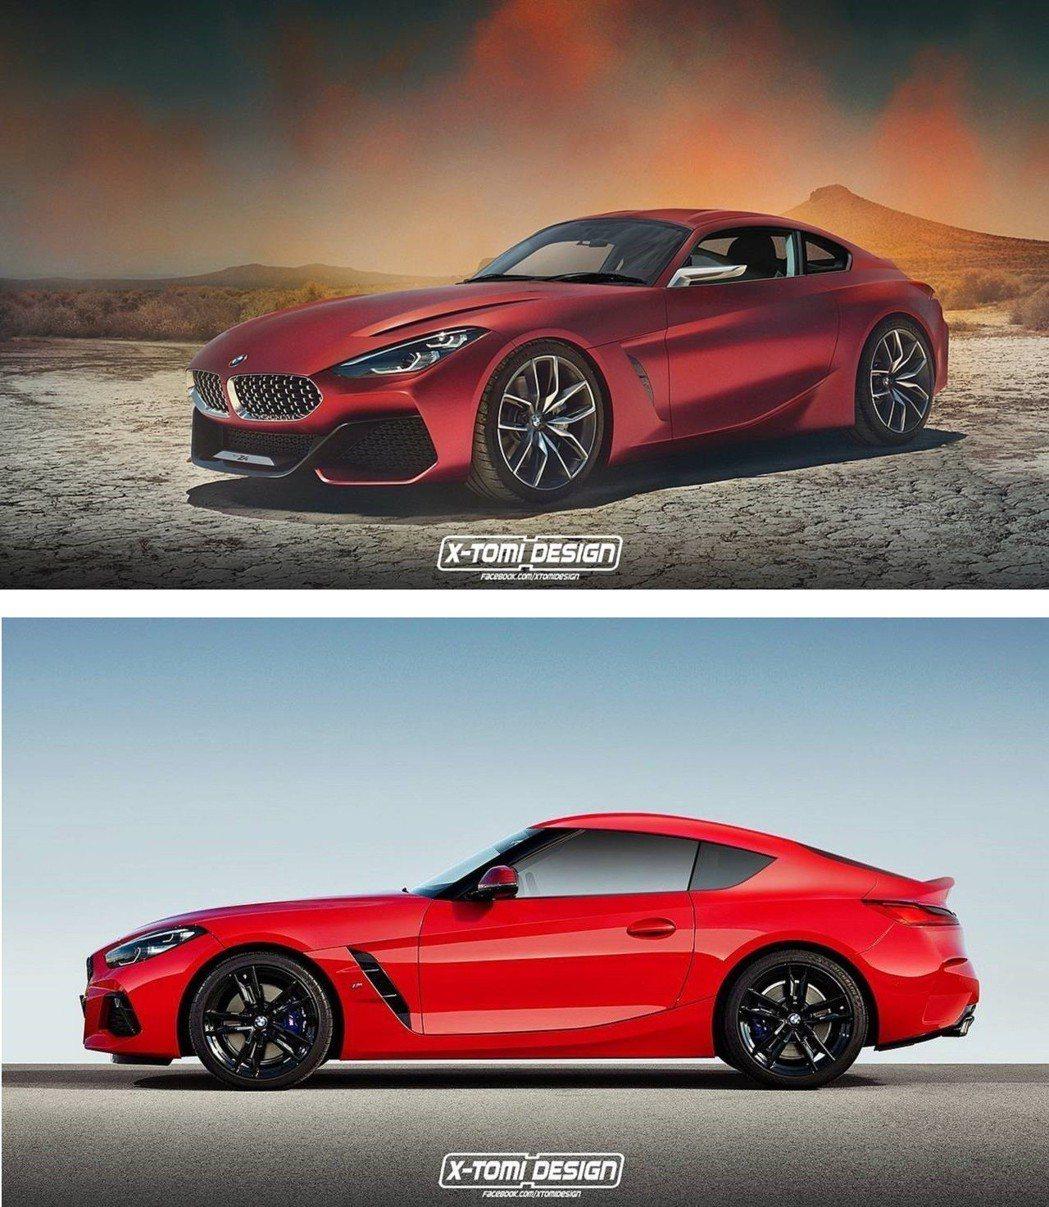 圖上:以Z4概念車設計的硬頂車型、圖下:以Z4量產車車計的硬頂車型。 摘自X-T...